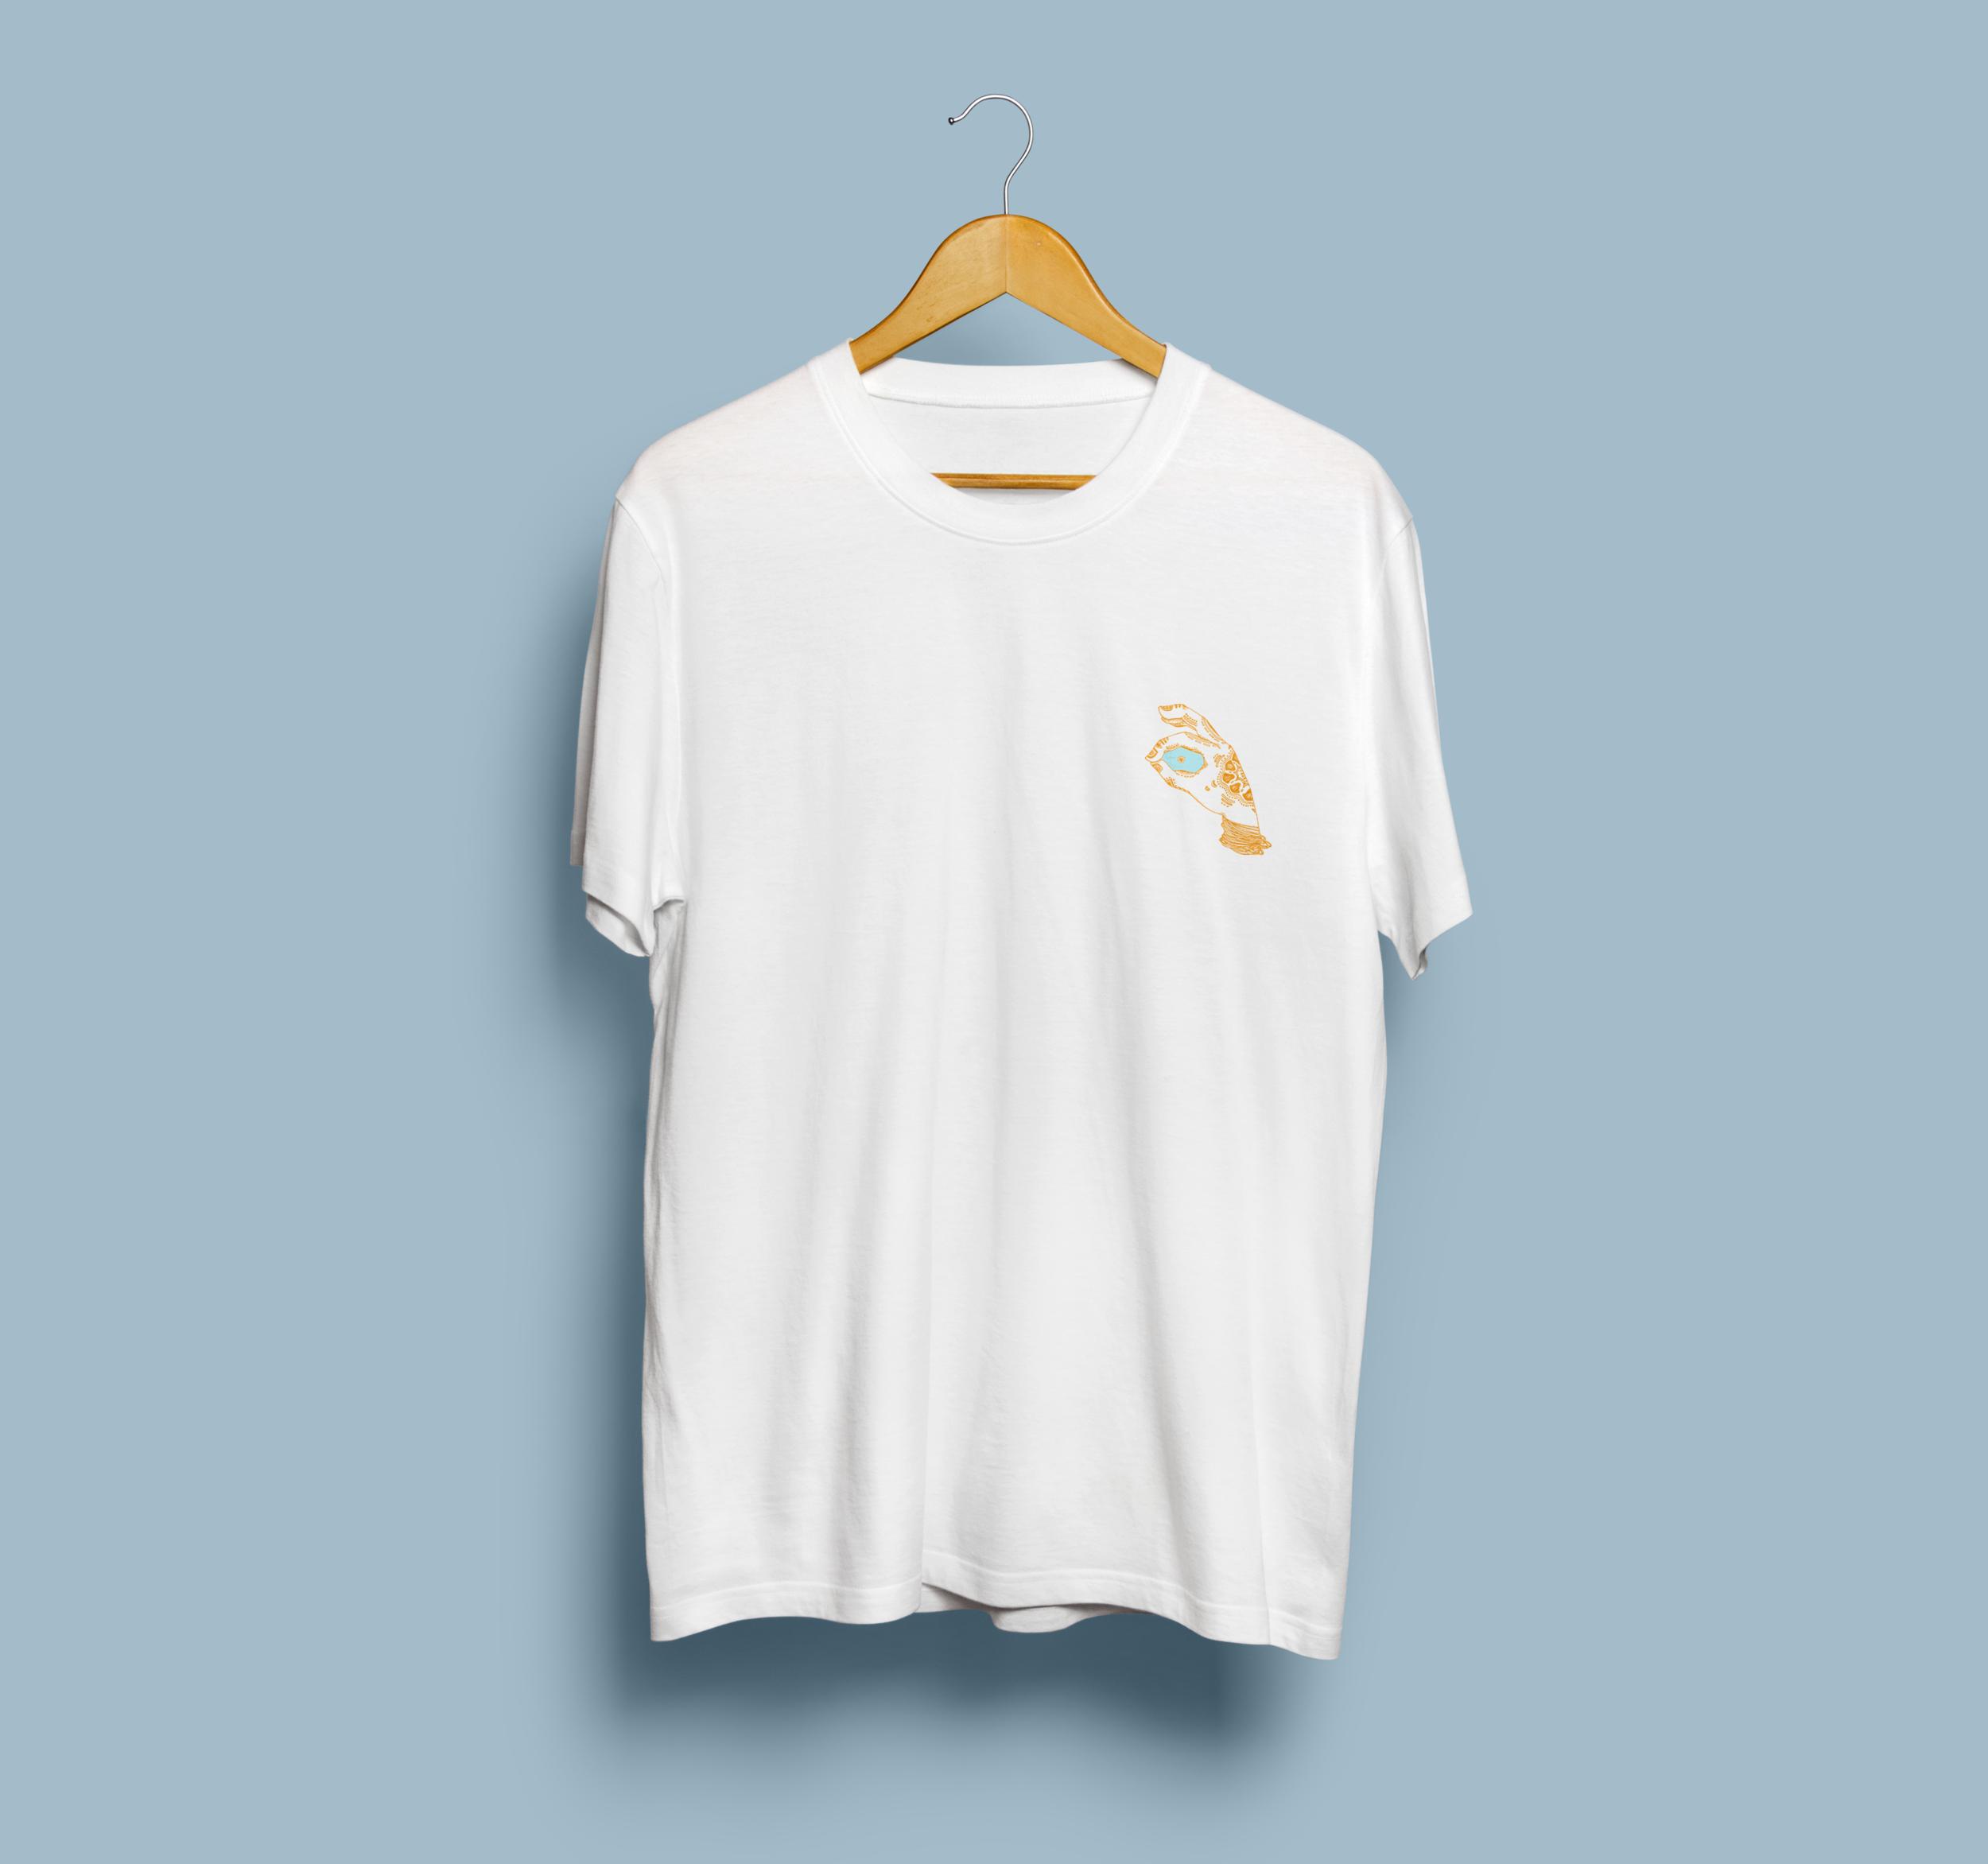 Album t-shirt (white)